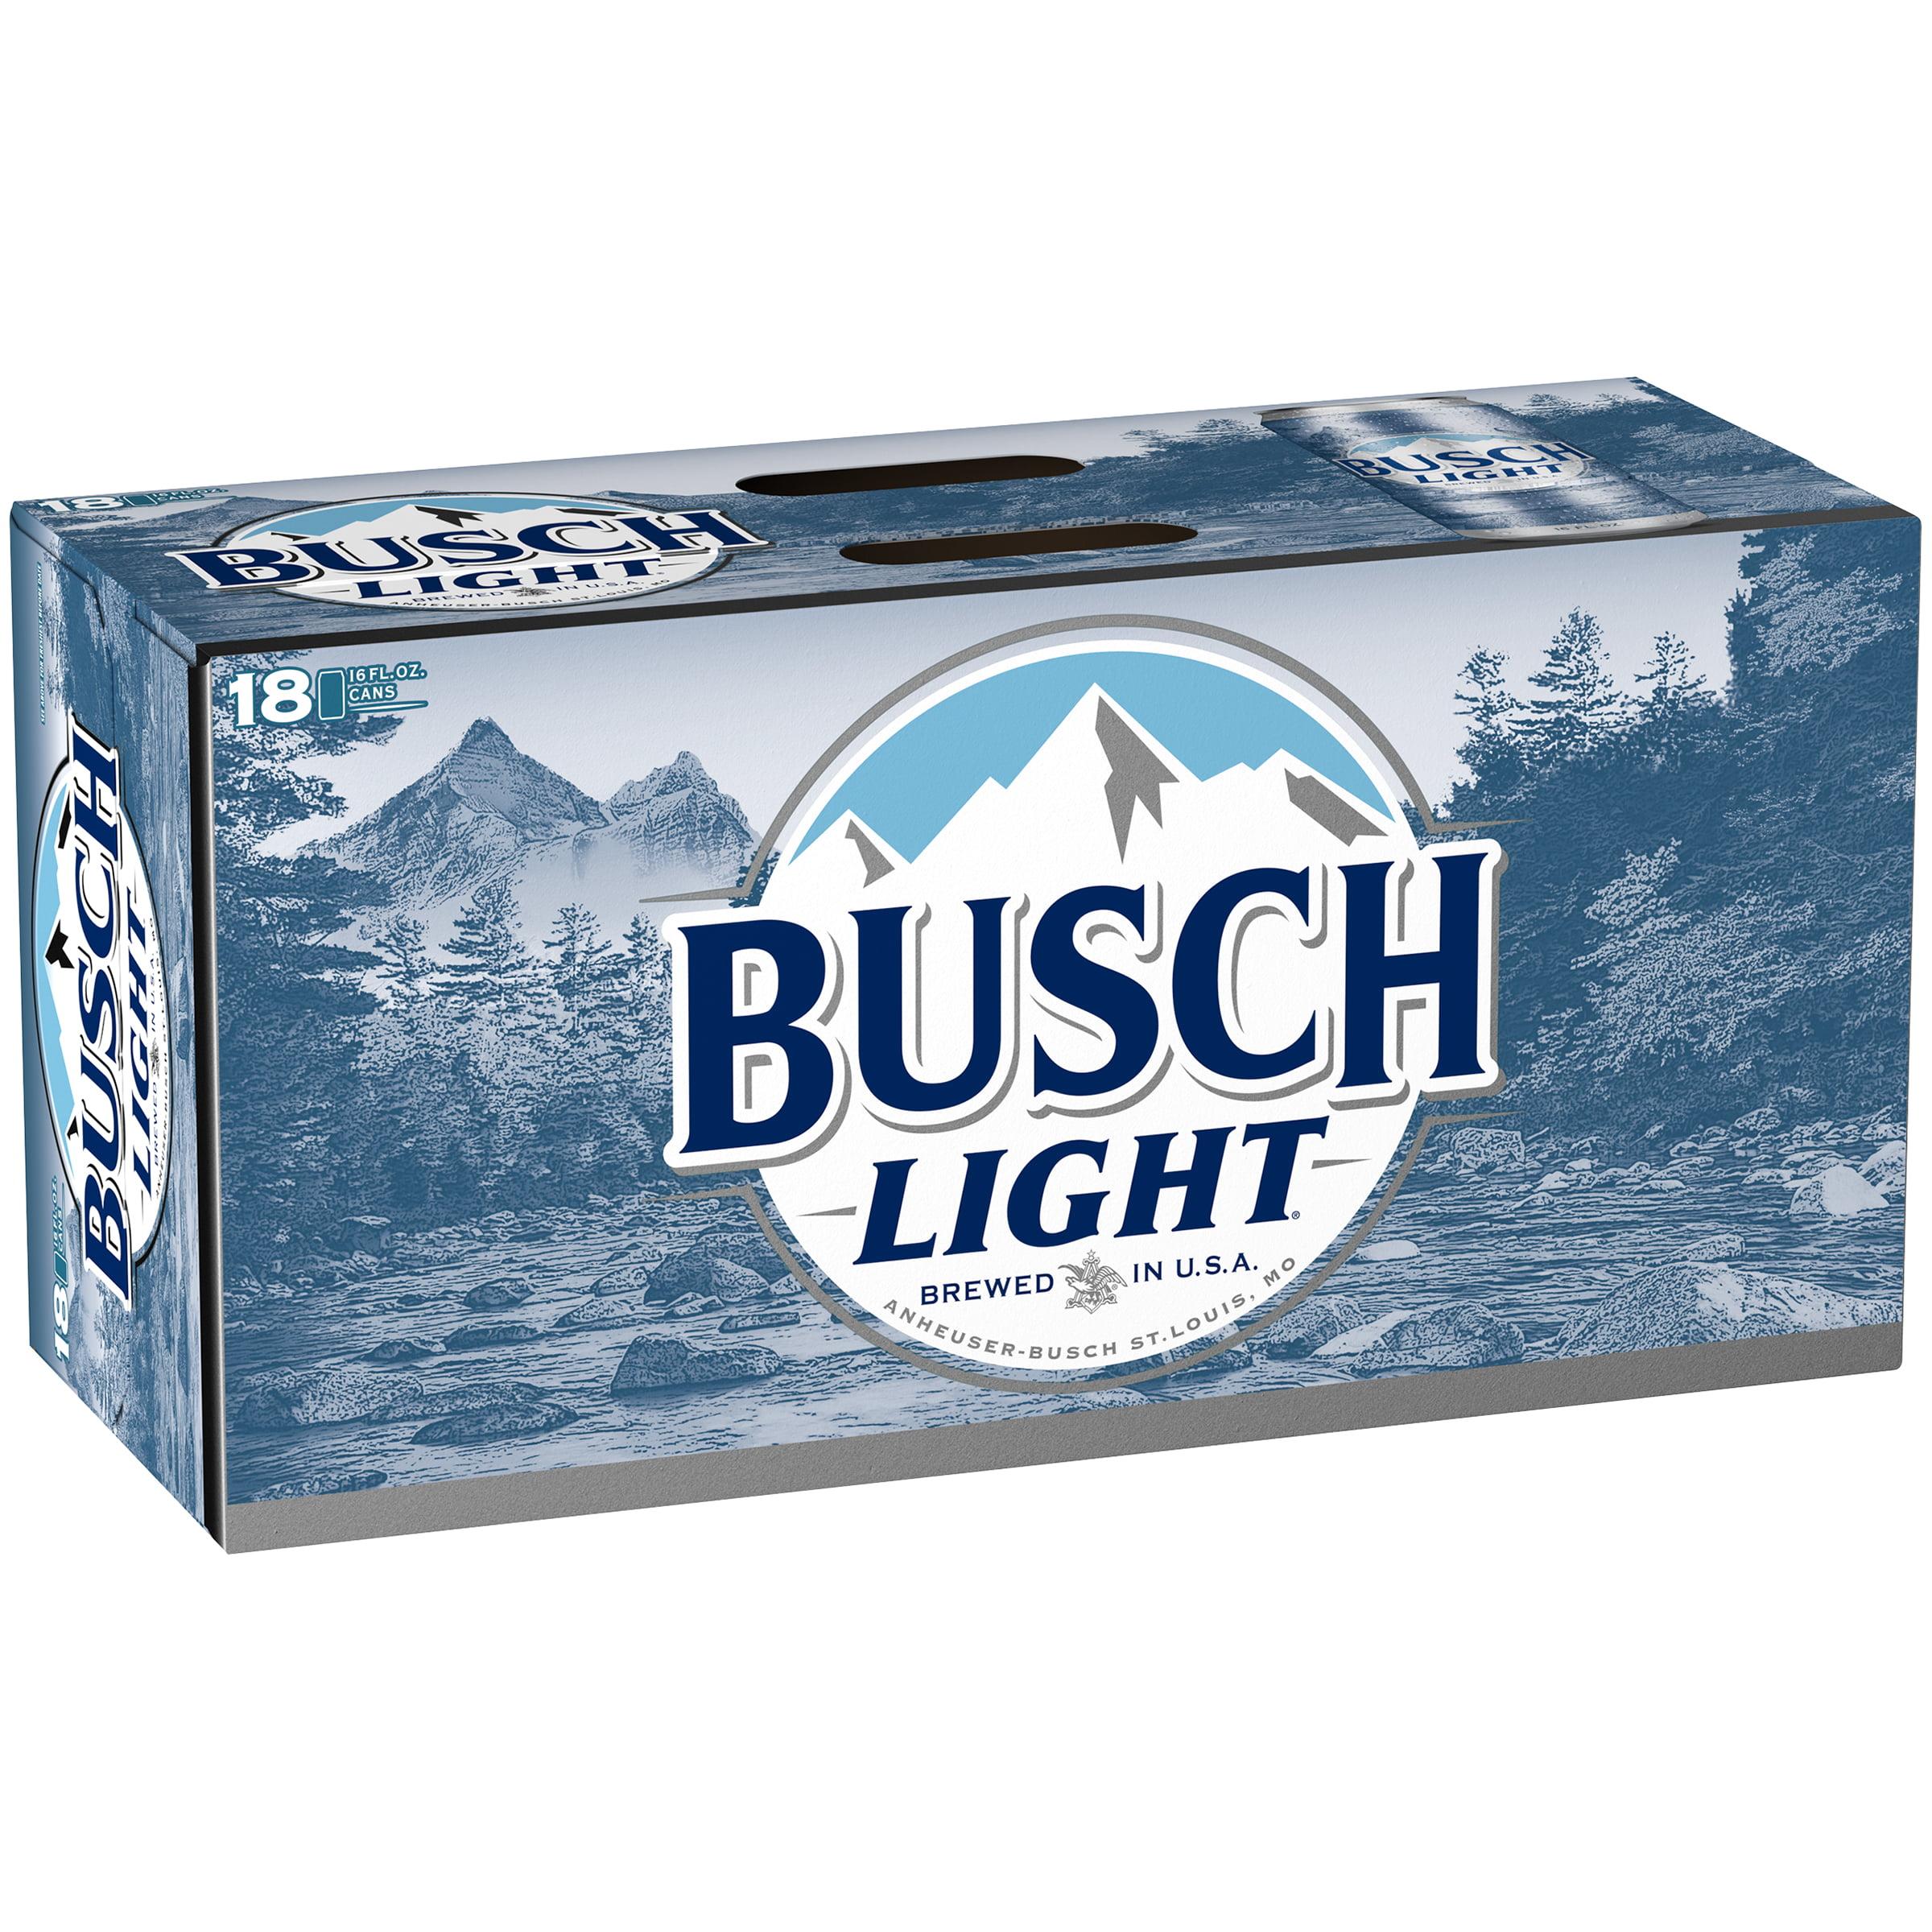 Busch Light® Beer, 18 Pack 16 fl. oz